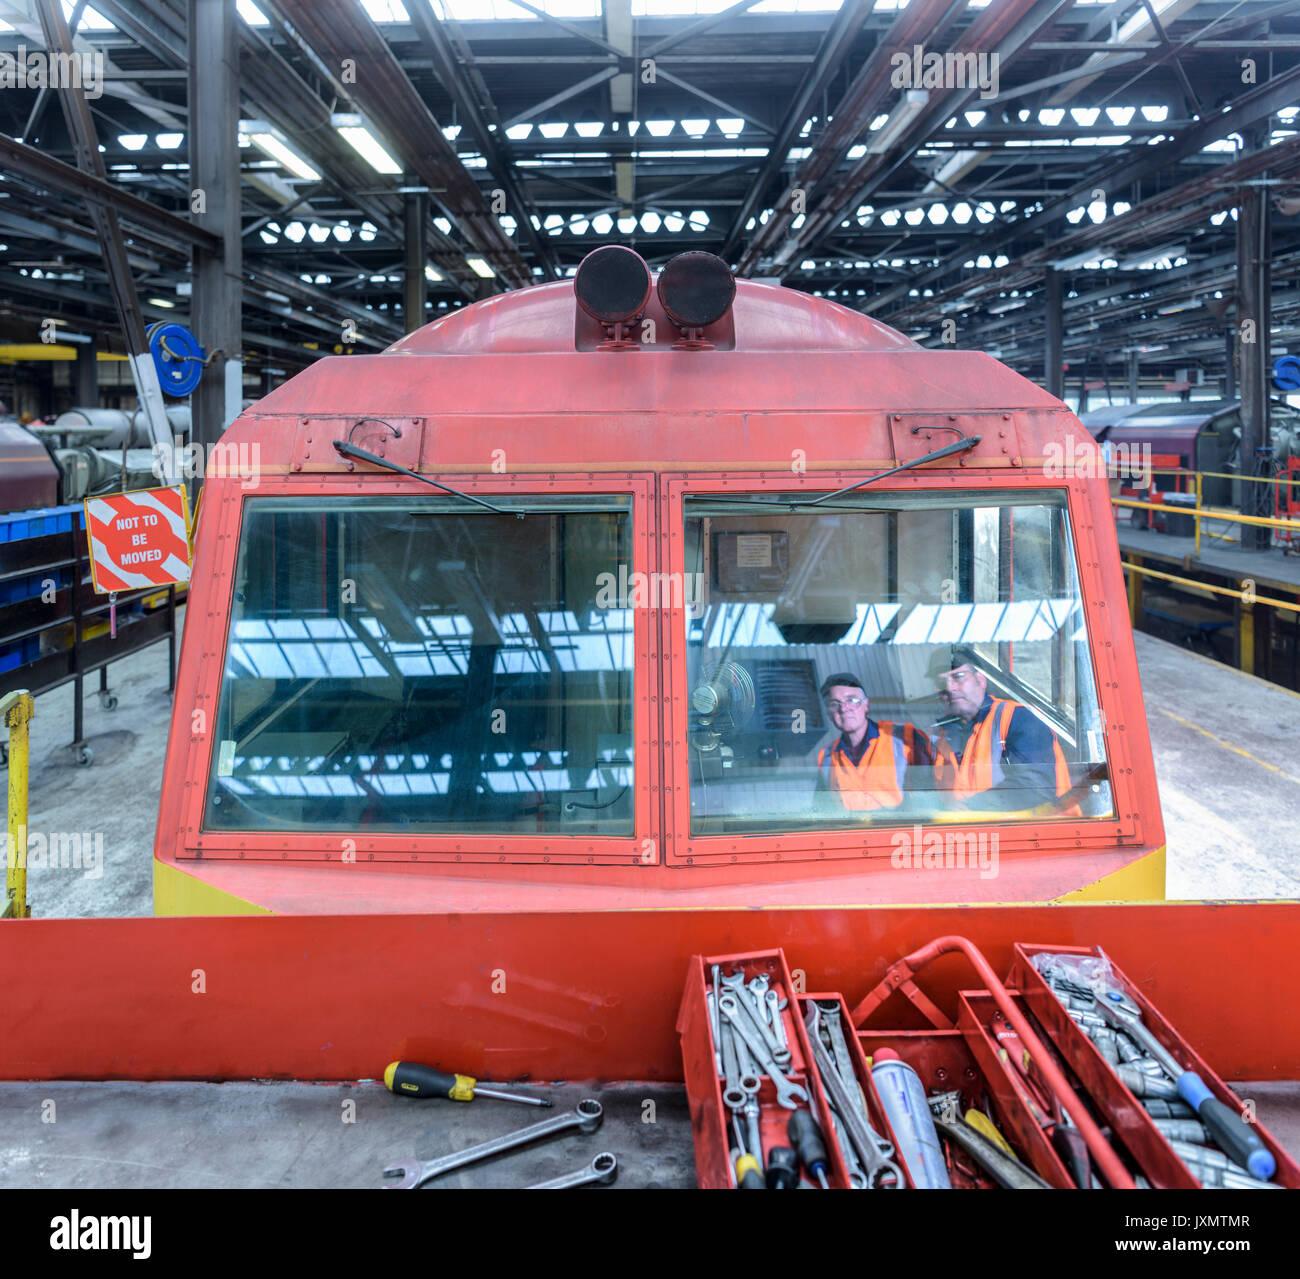 Reflejo de maquinistas de tren funciona Imagen De Stock